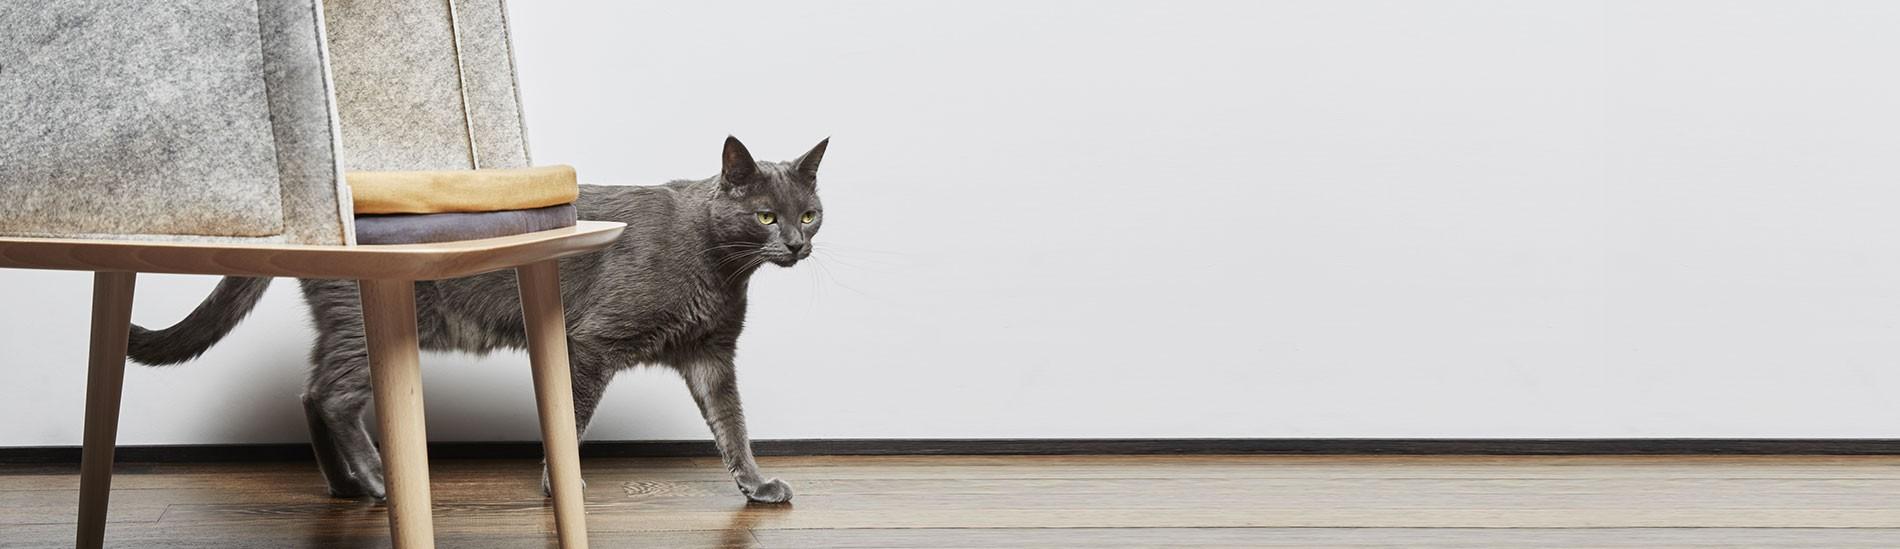 fabrication et la vente de compléments allimentaires vitaminés pour chiens & chats